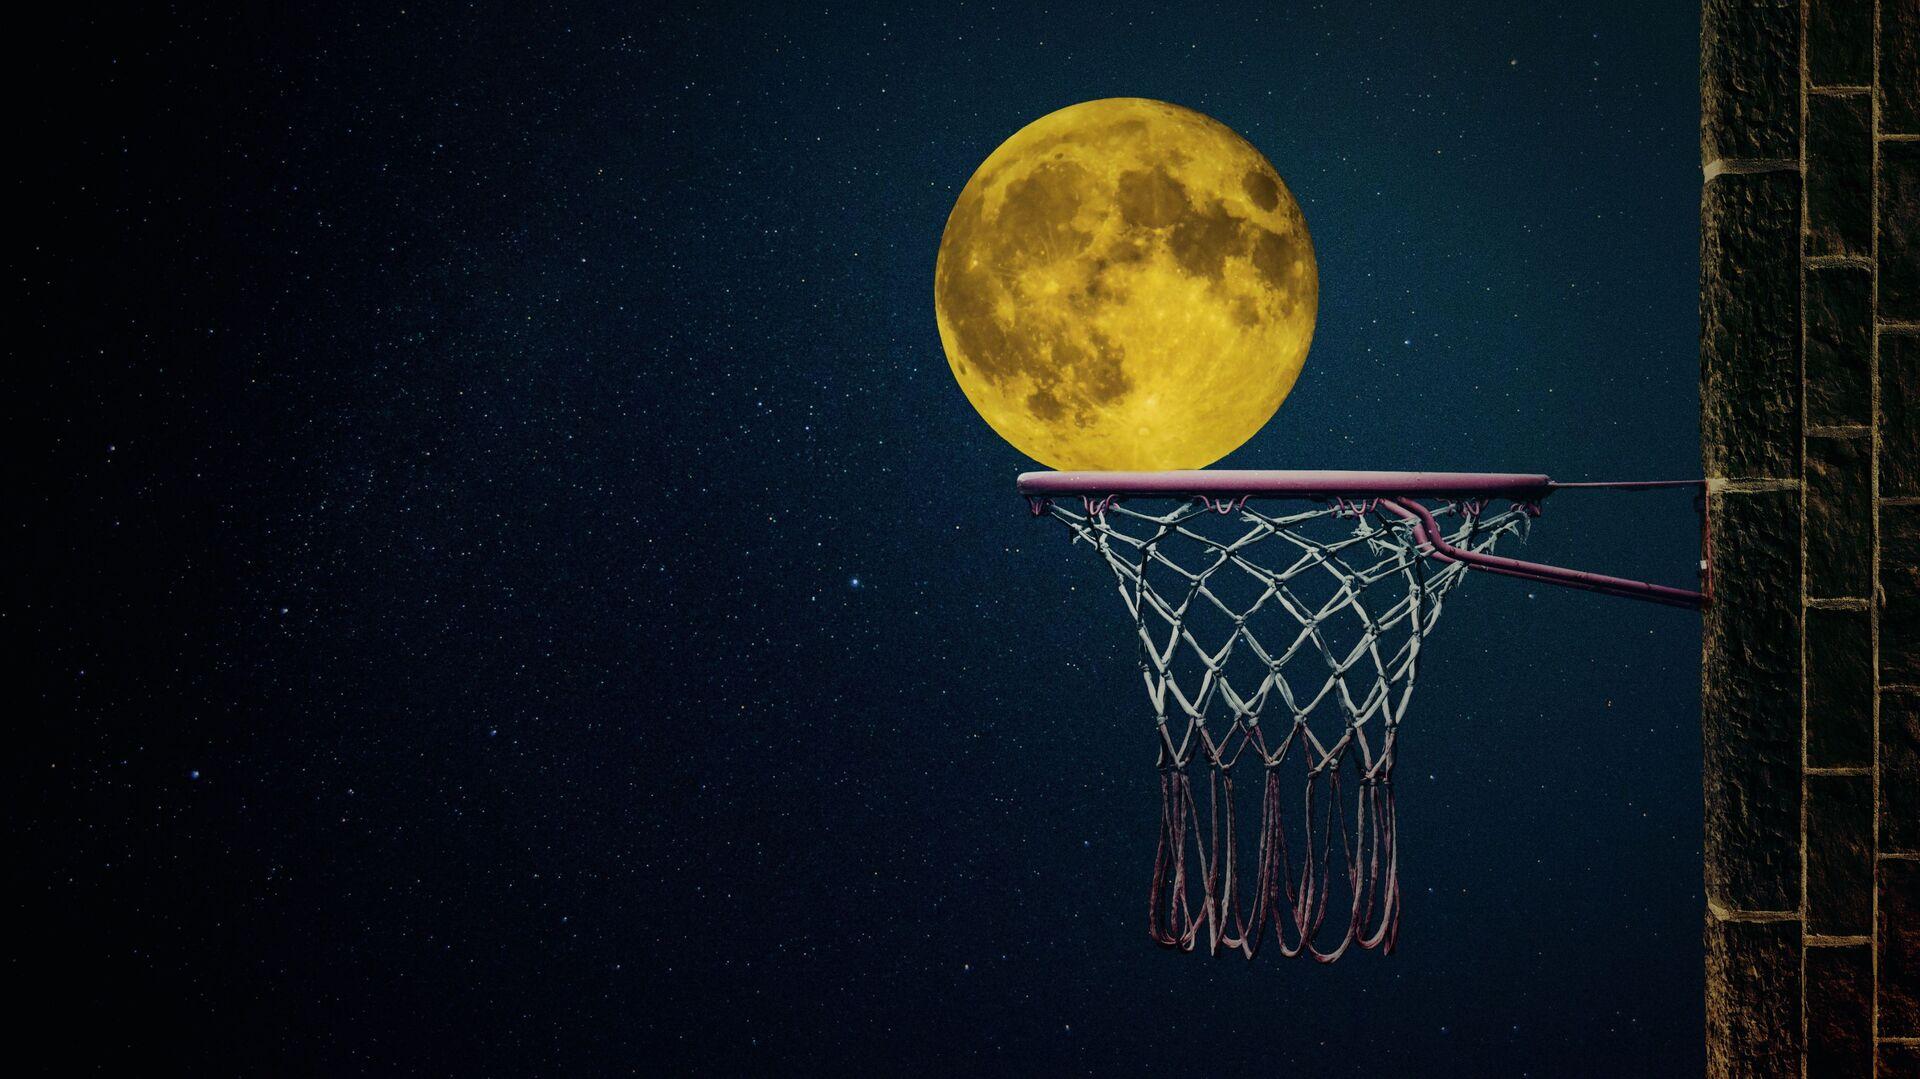 სავსე მთვარე - Sputnik საქართველო, 1920, 21.09.2021